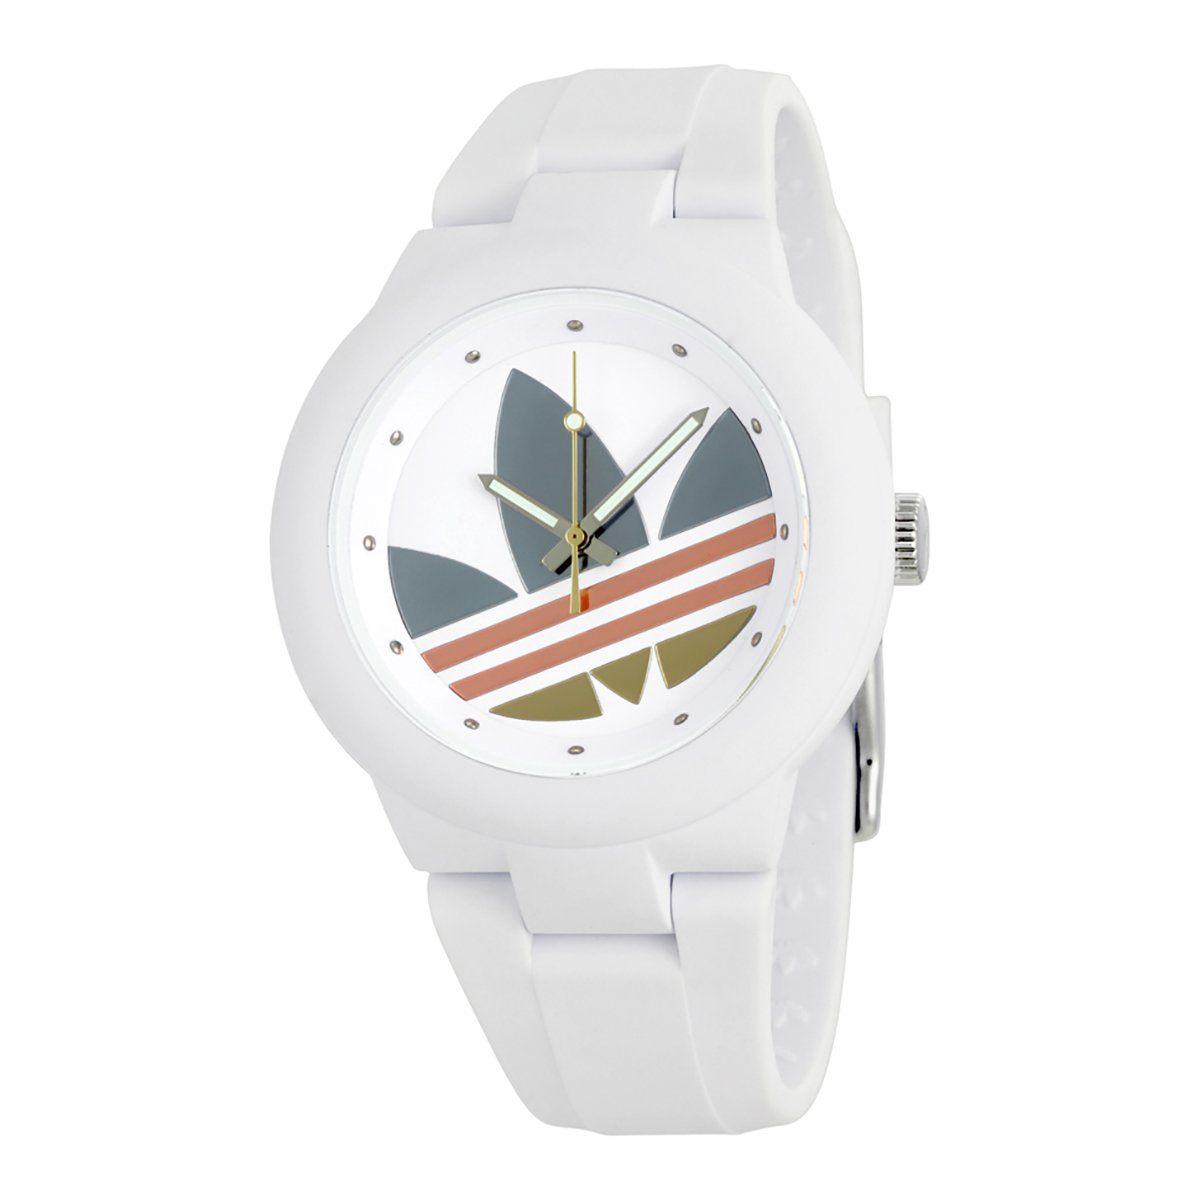 นาฬิกาผู้ชาย Adidas รุ่น ADH9084, Aberdeen